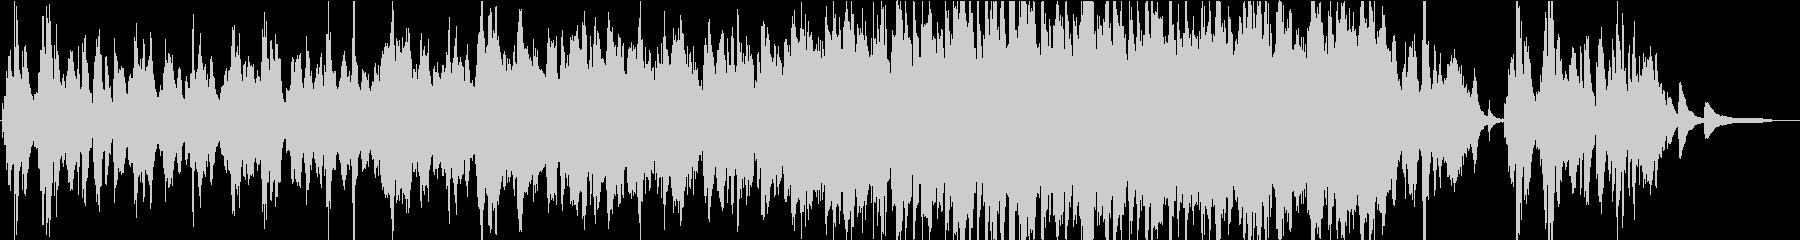 【生演奏】穏やかなバイオリン曲バラードの未再生の波形